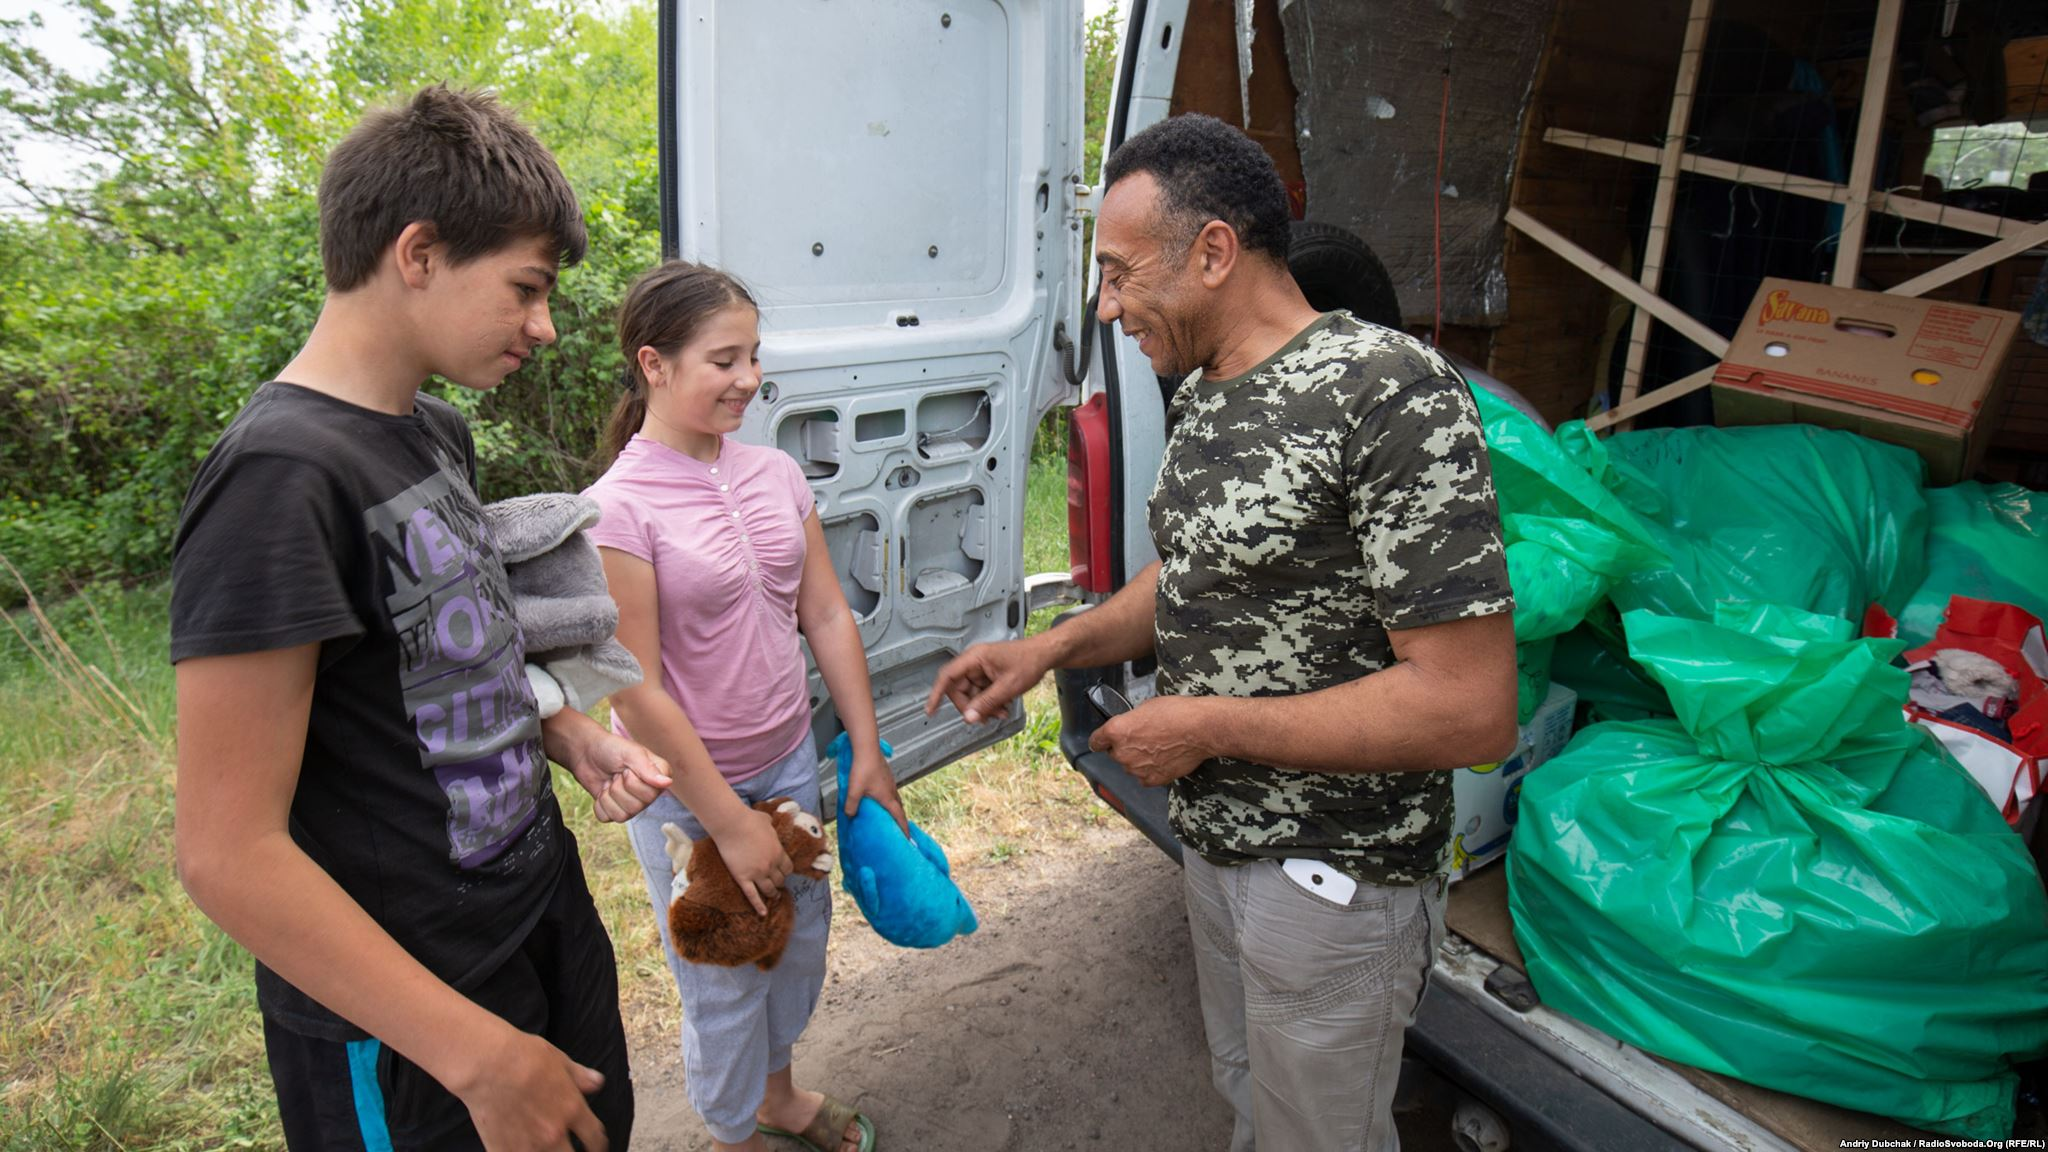 Тоні жартує з дітьми під час розвантаження машини (фотограф Андрей Дубчак)